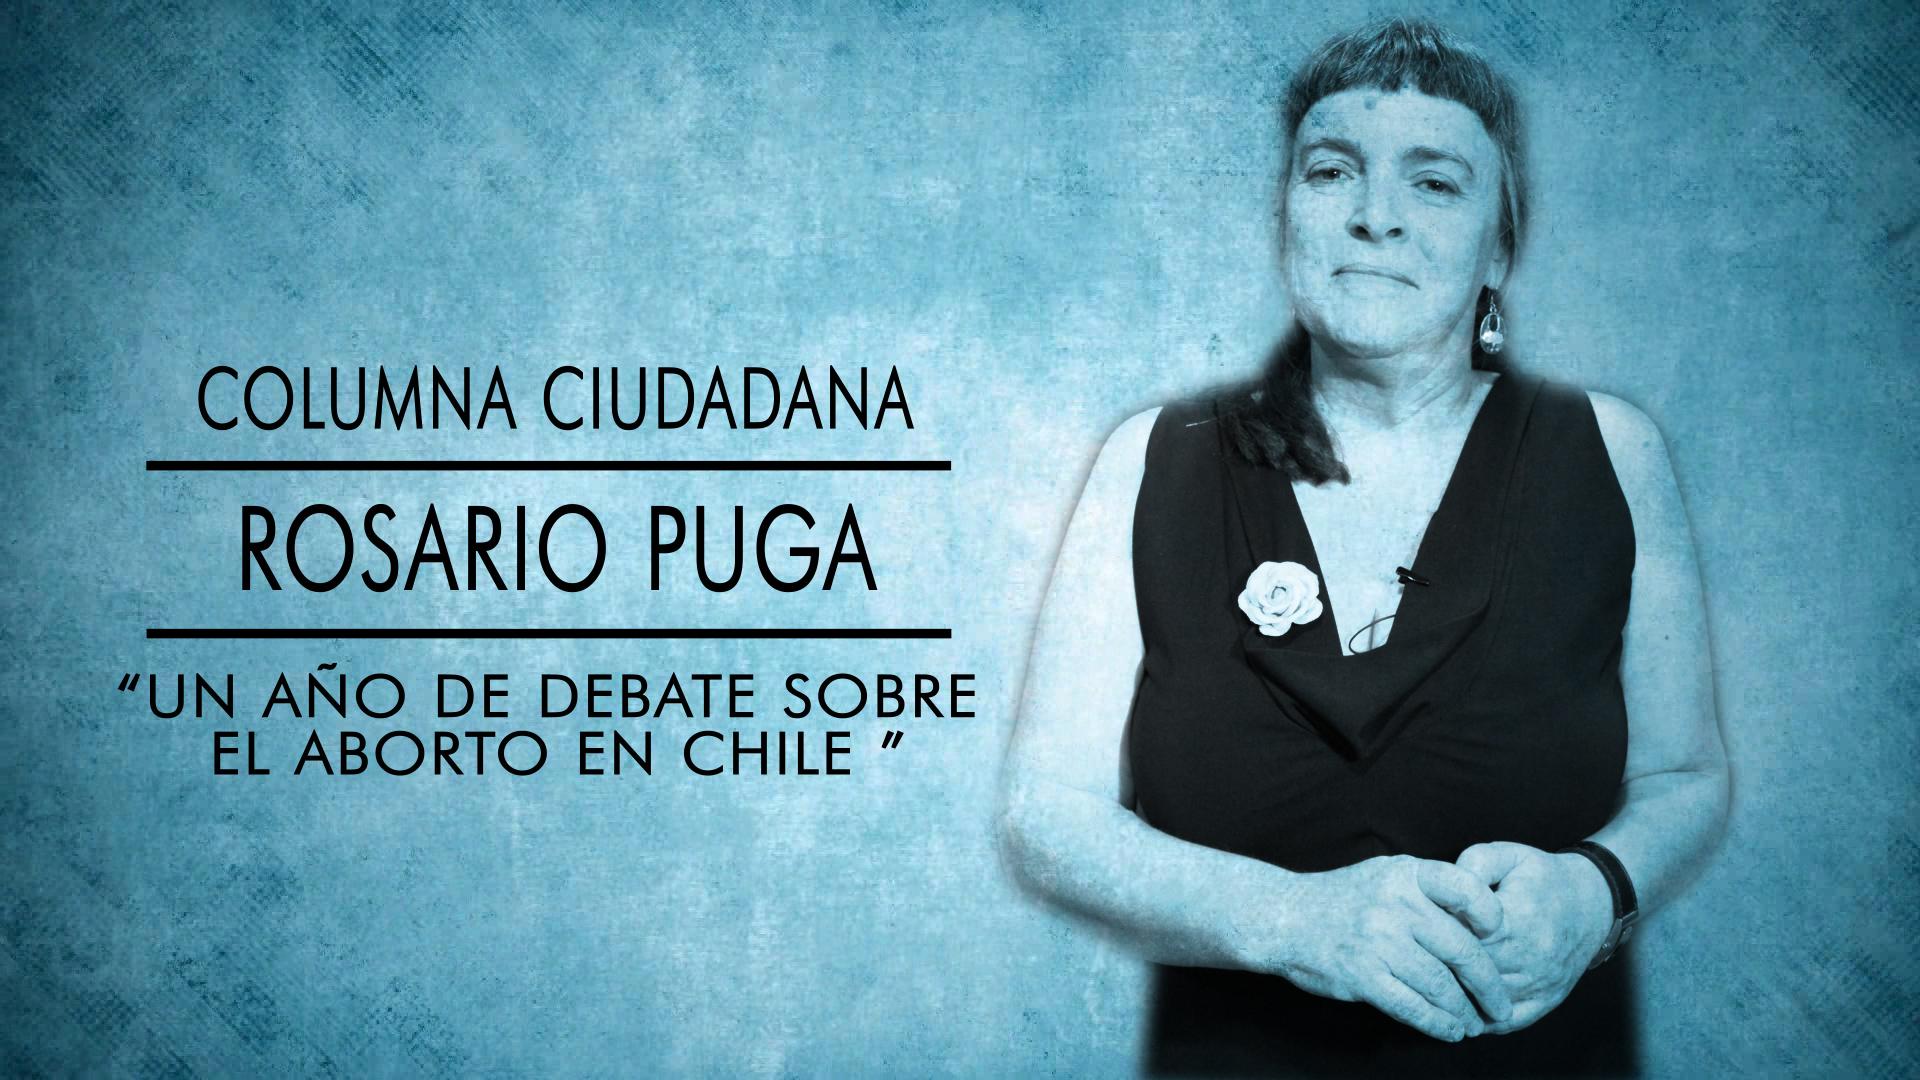 Un año de debate sobre el aborto en Chile